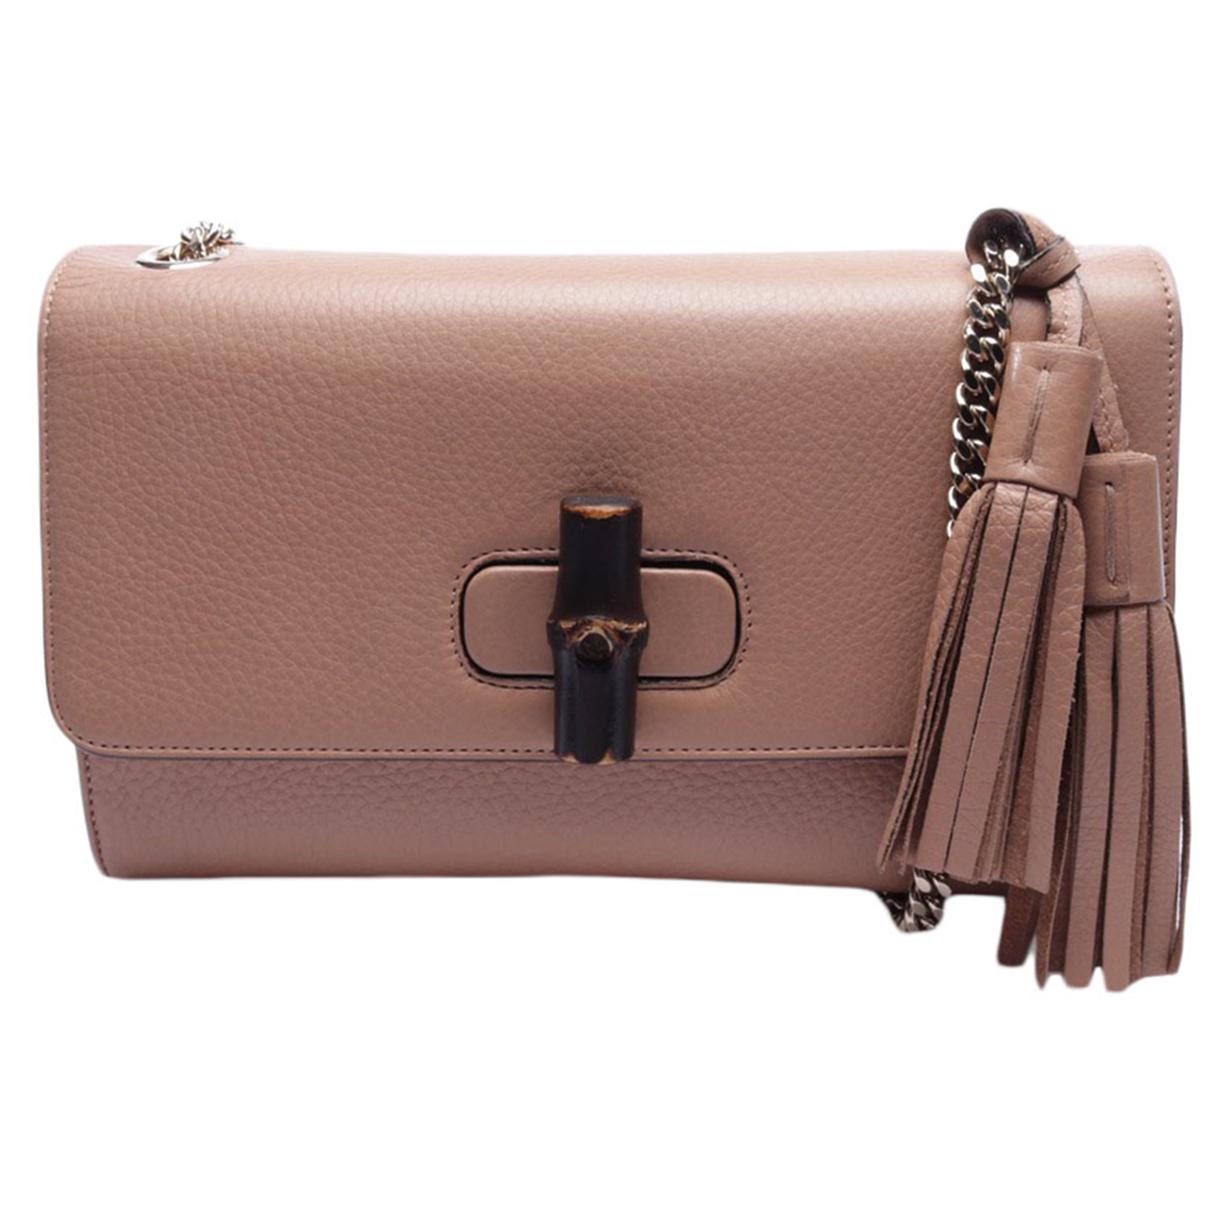 Gucci - Sac a main   pour femme en cuir - beige